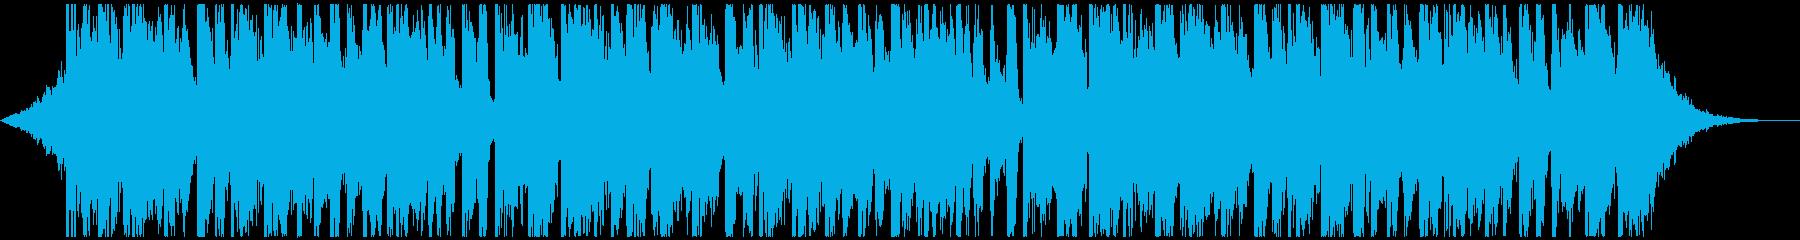 【ボーカルなし】レッツダンス!ファンクの再生済みの波形